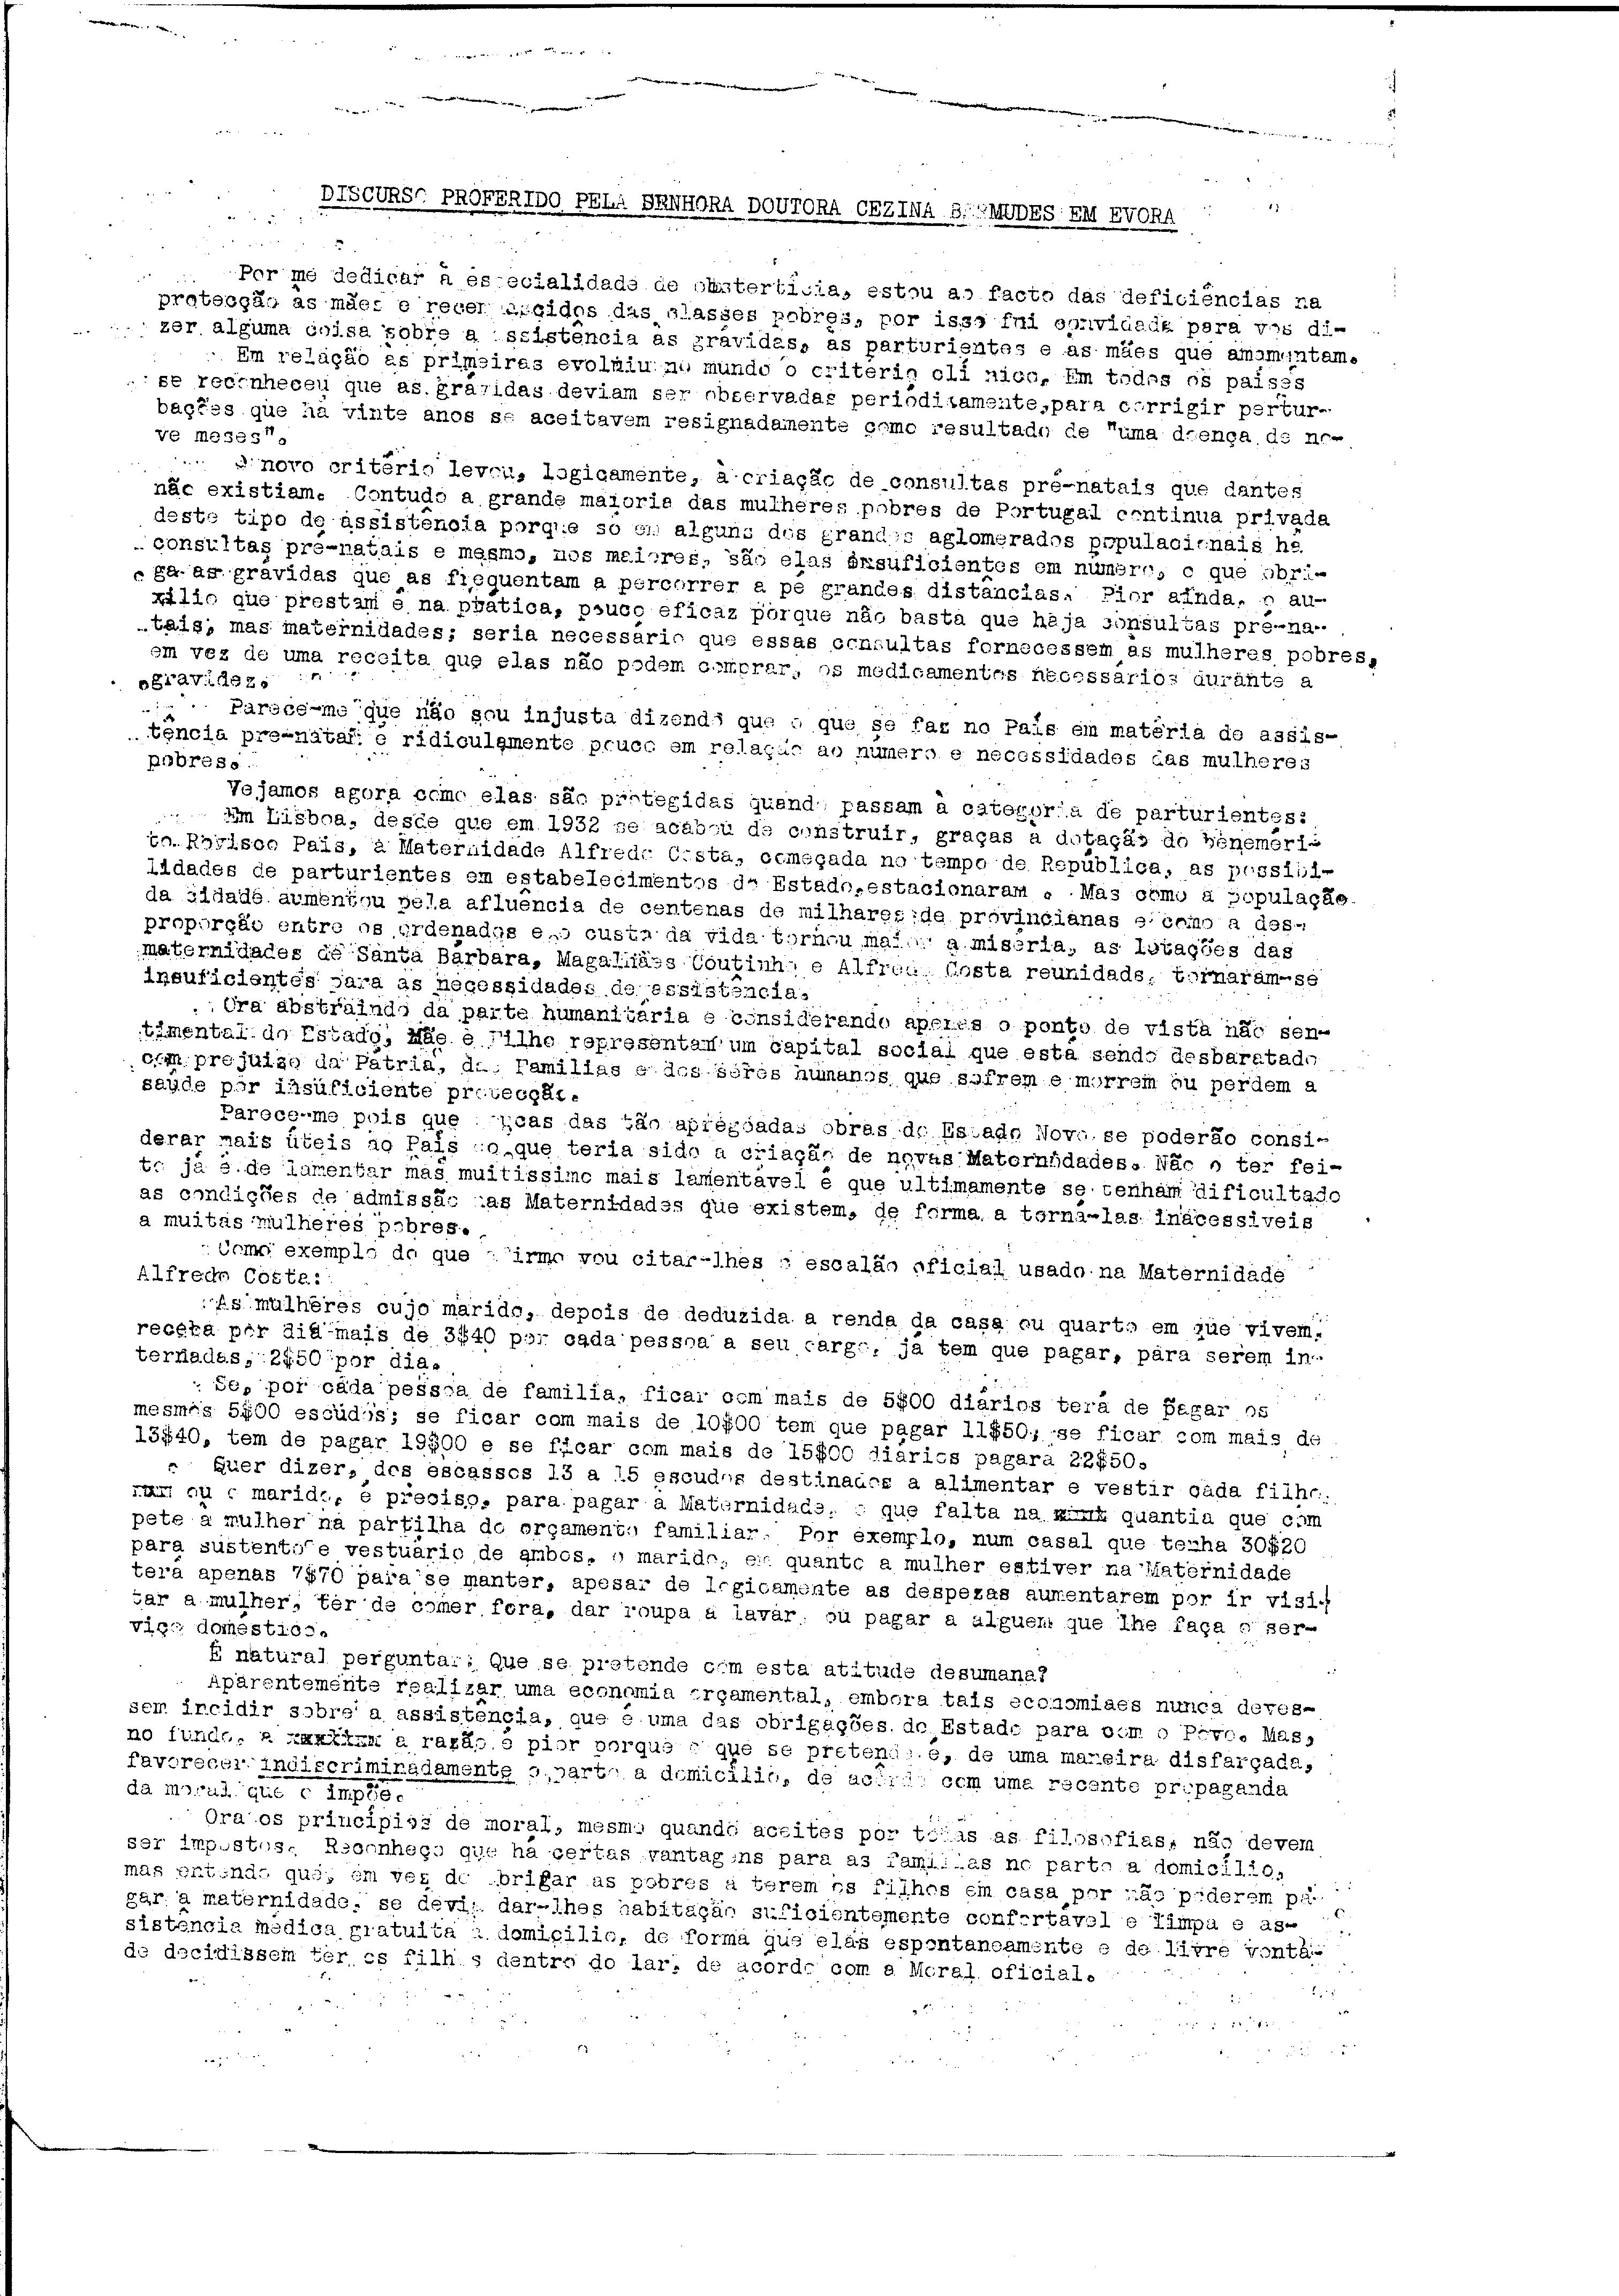 02598.016- pag.1